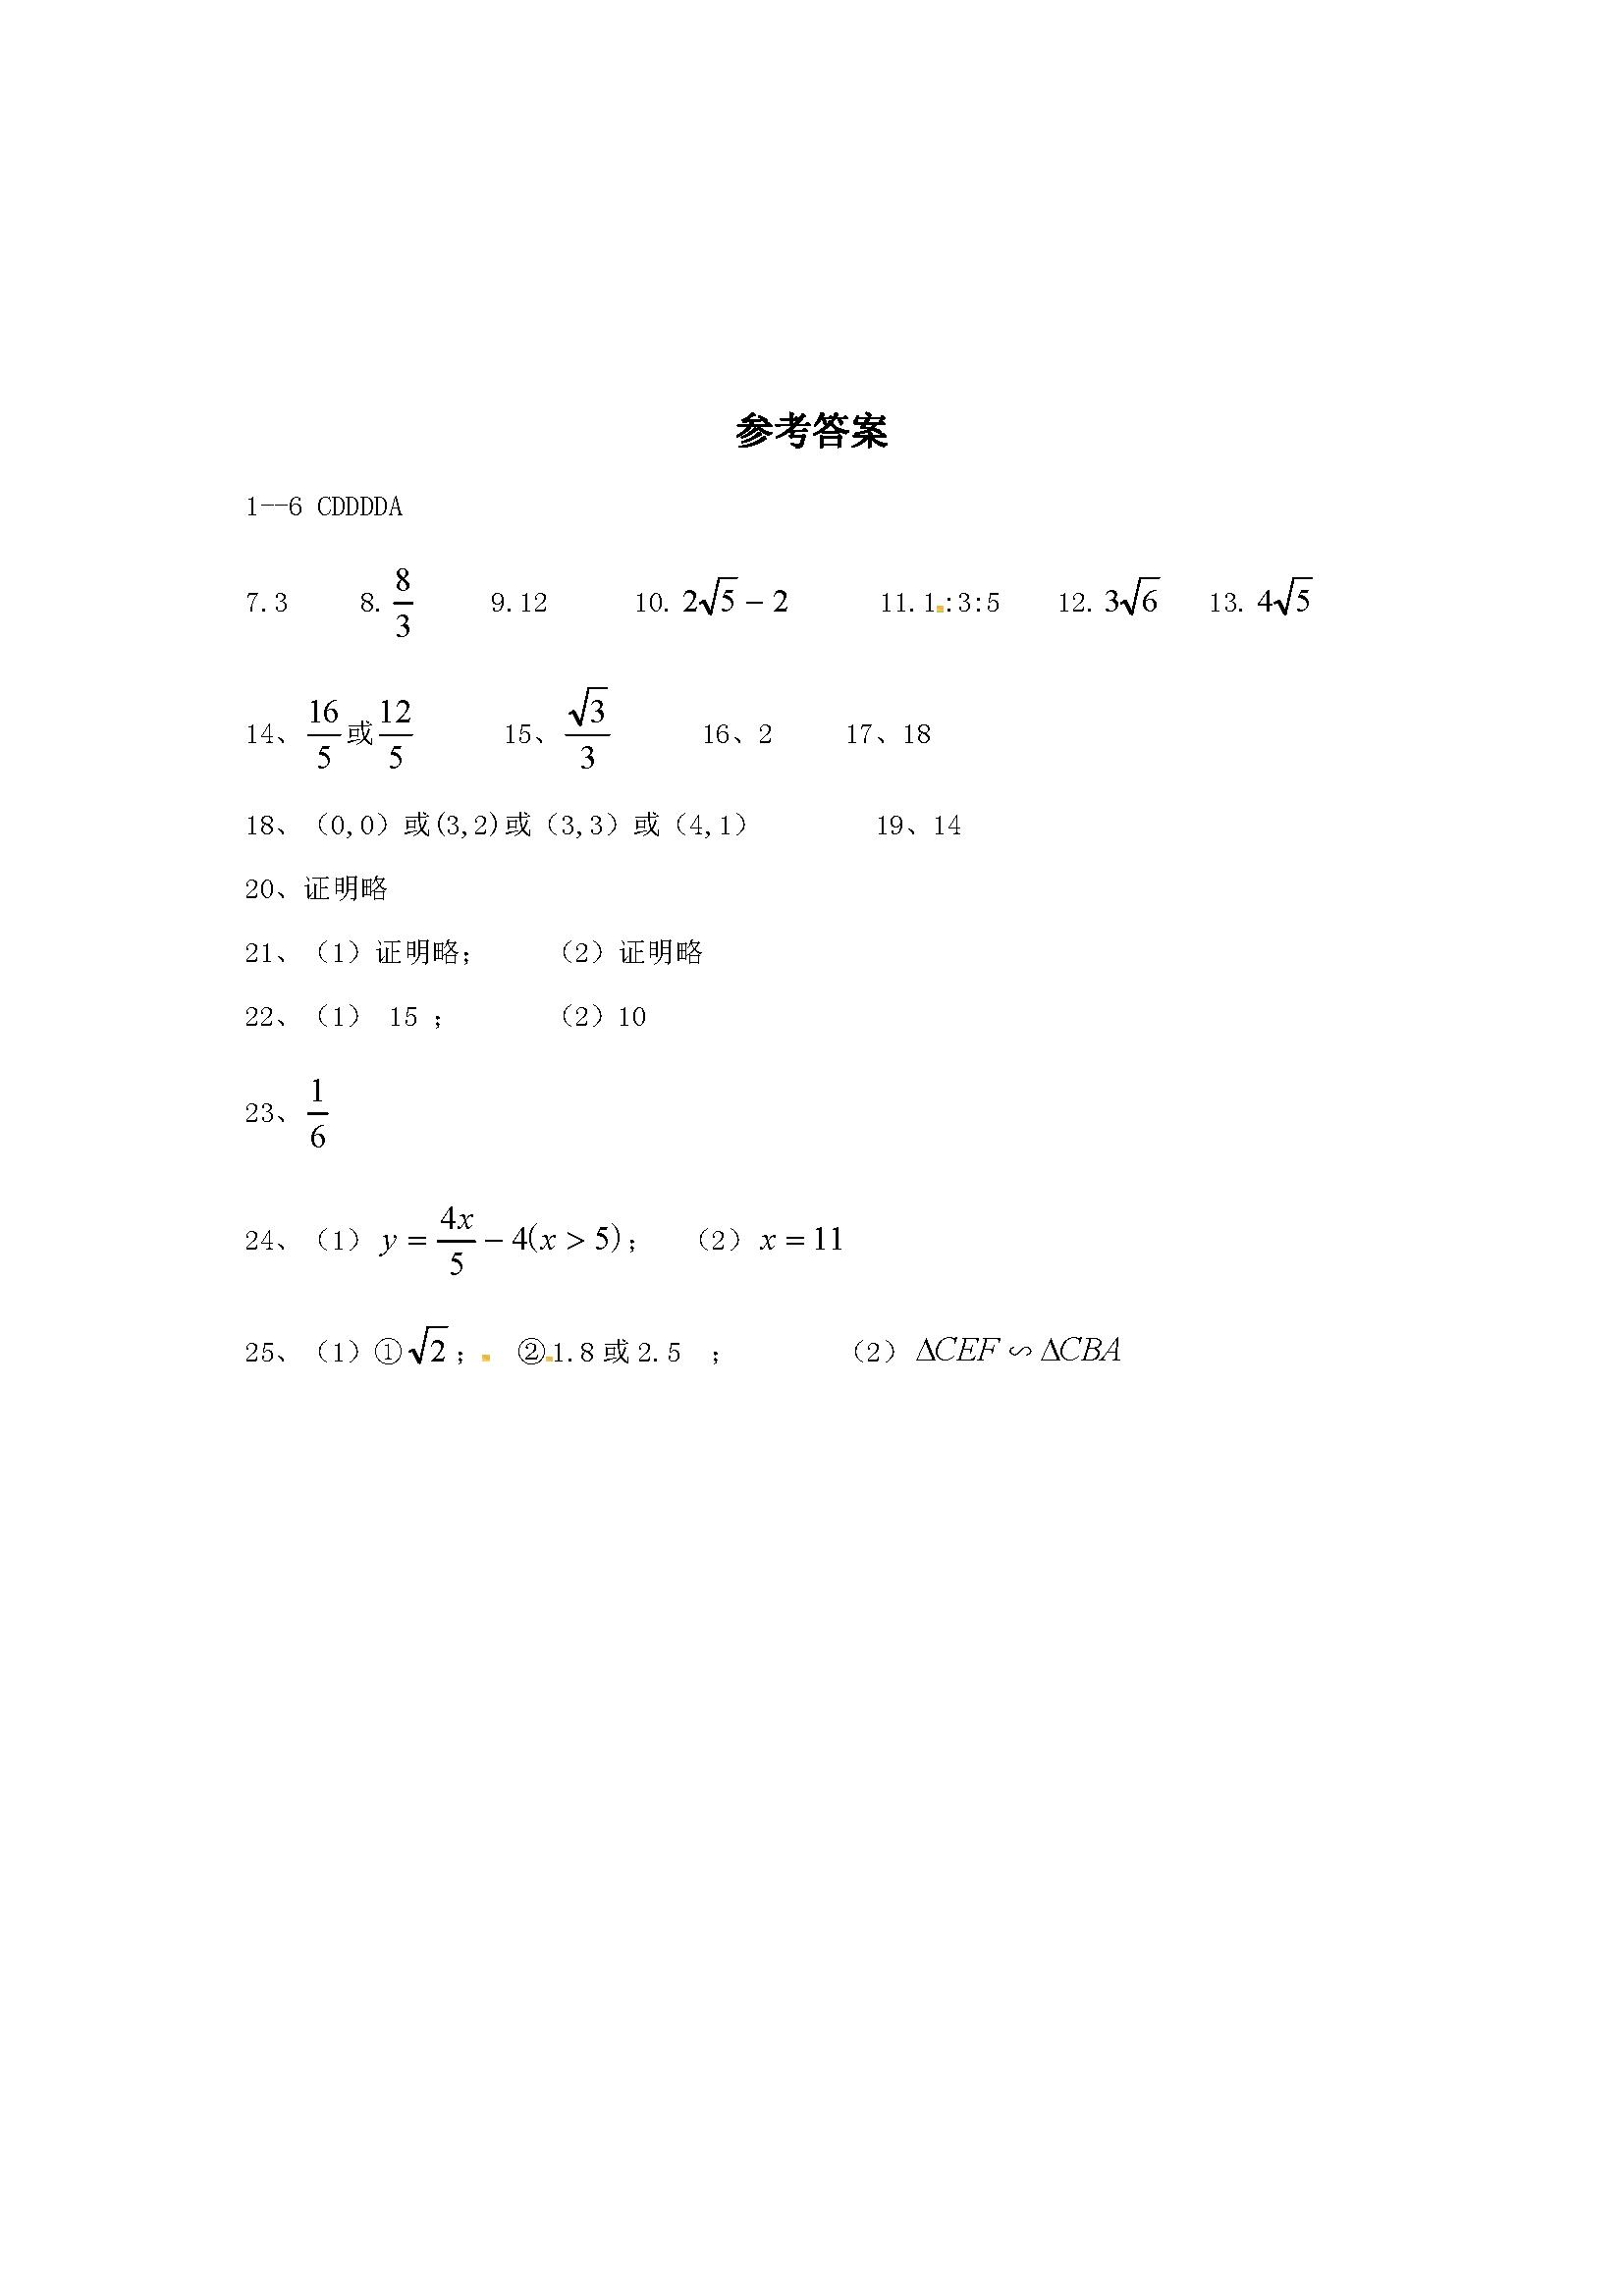 九年级数学月考卷子_2017-2018上海延安初级中学九年级上数学月考试题答案(图片版 ...